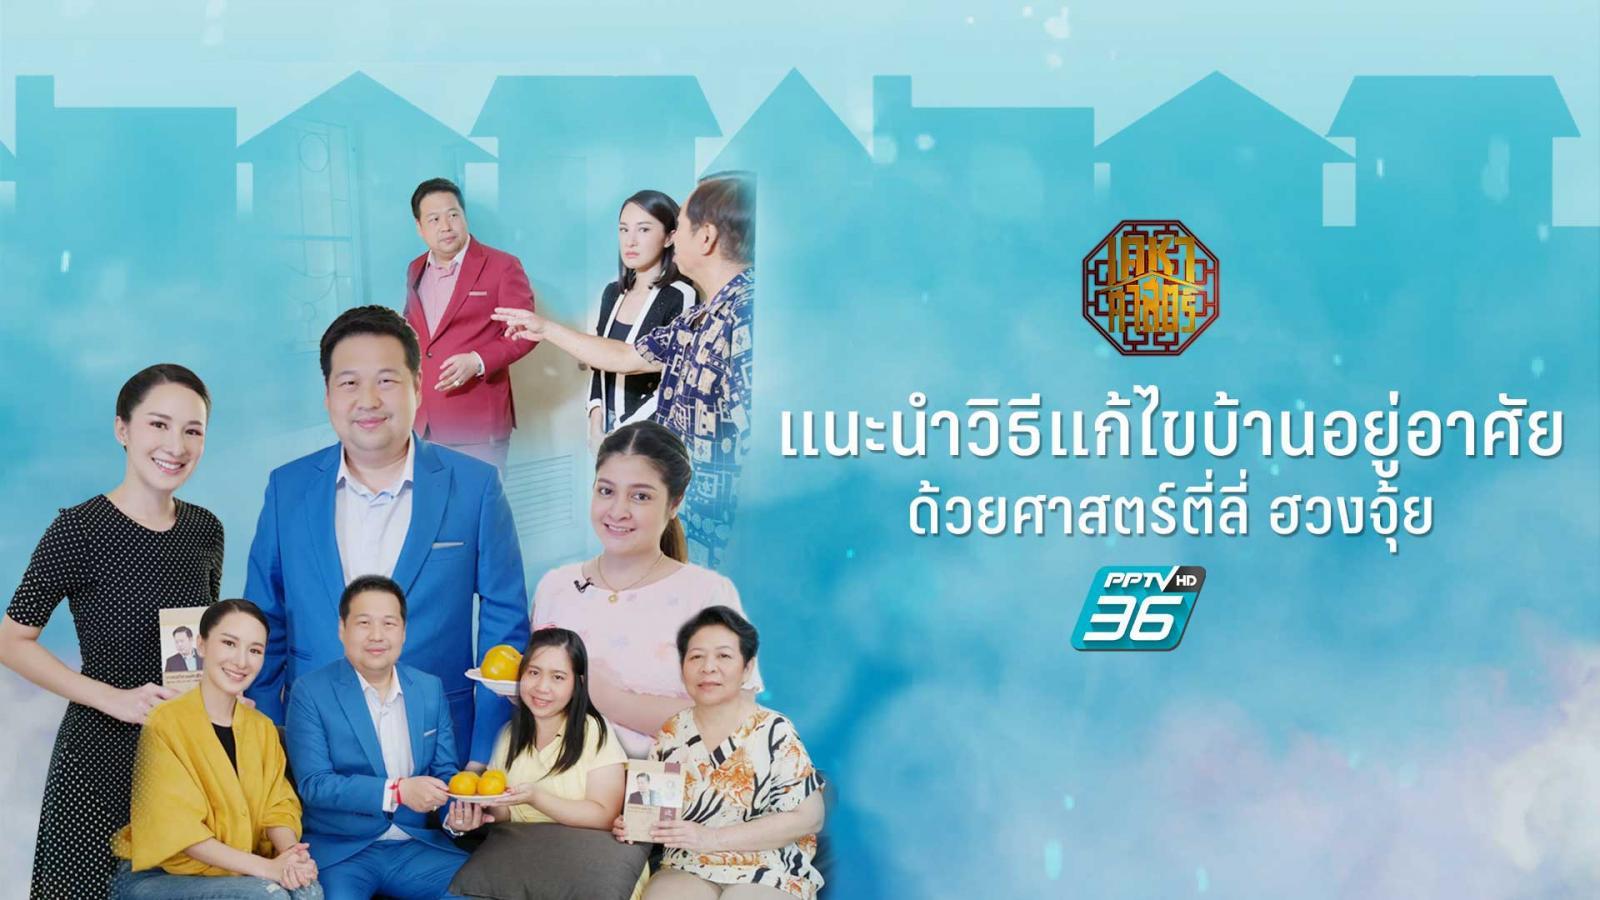 เคหาศาสตร์ | ตี่ลี่ ฮวงจุ้ย | จุดที่ส่งผลเสียภายในบ้าน ตามหลักตี่ลี่ ฮวงจุ้ย | PPTV HD 36